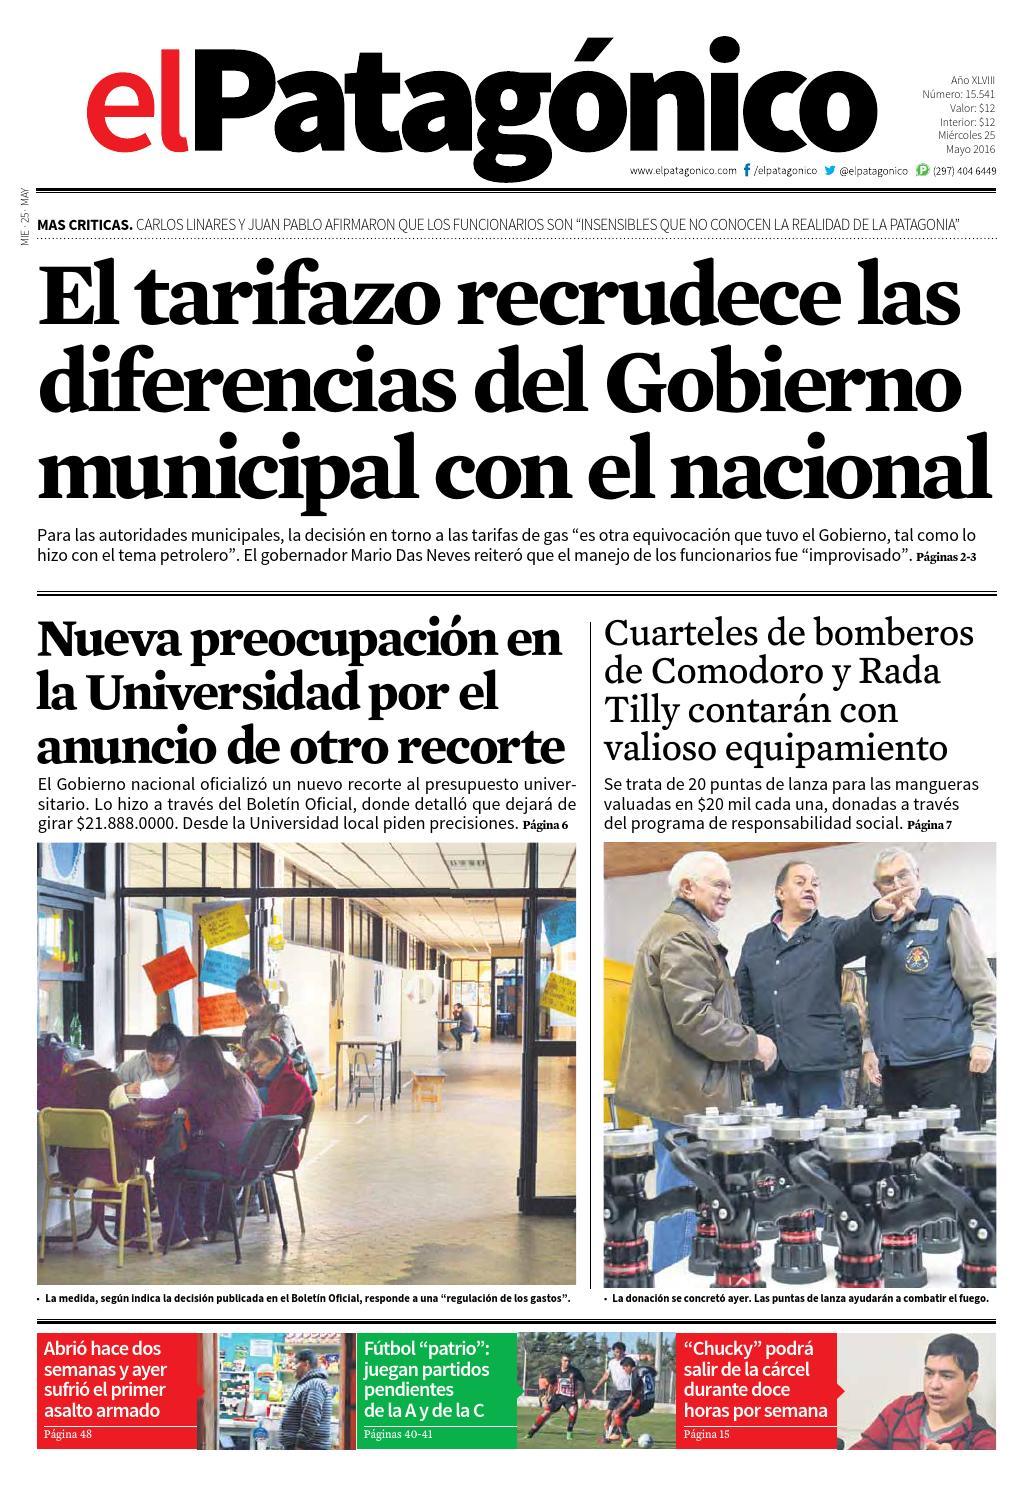 edicion232924052016.pdf by El Patagonico - issuu 76d2ebc9b544b